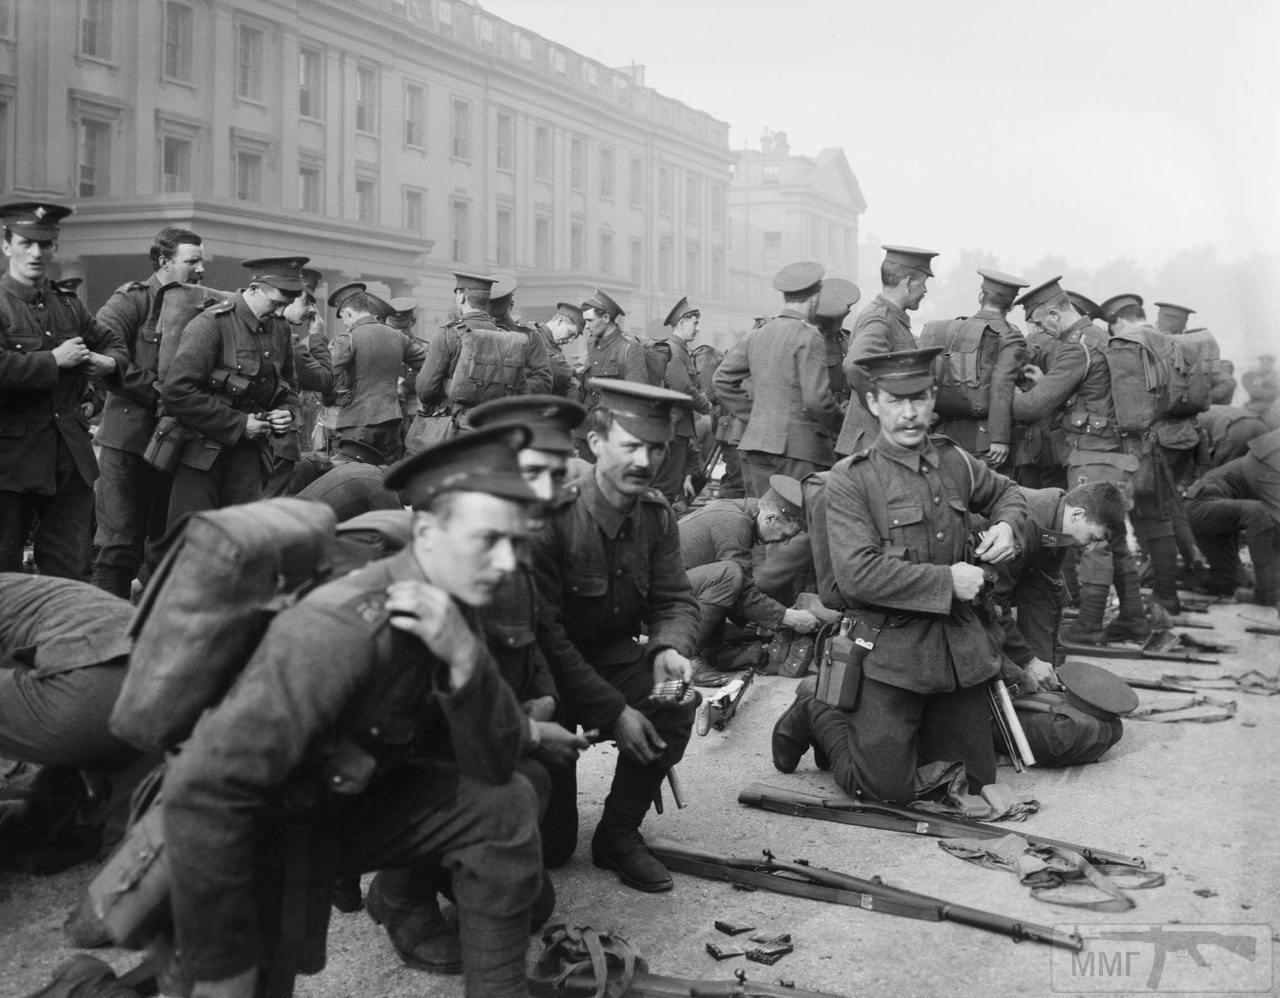 16959 - Военное фото. Западный фронт. 1914-1918г.г.